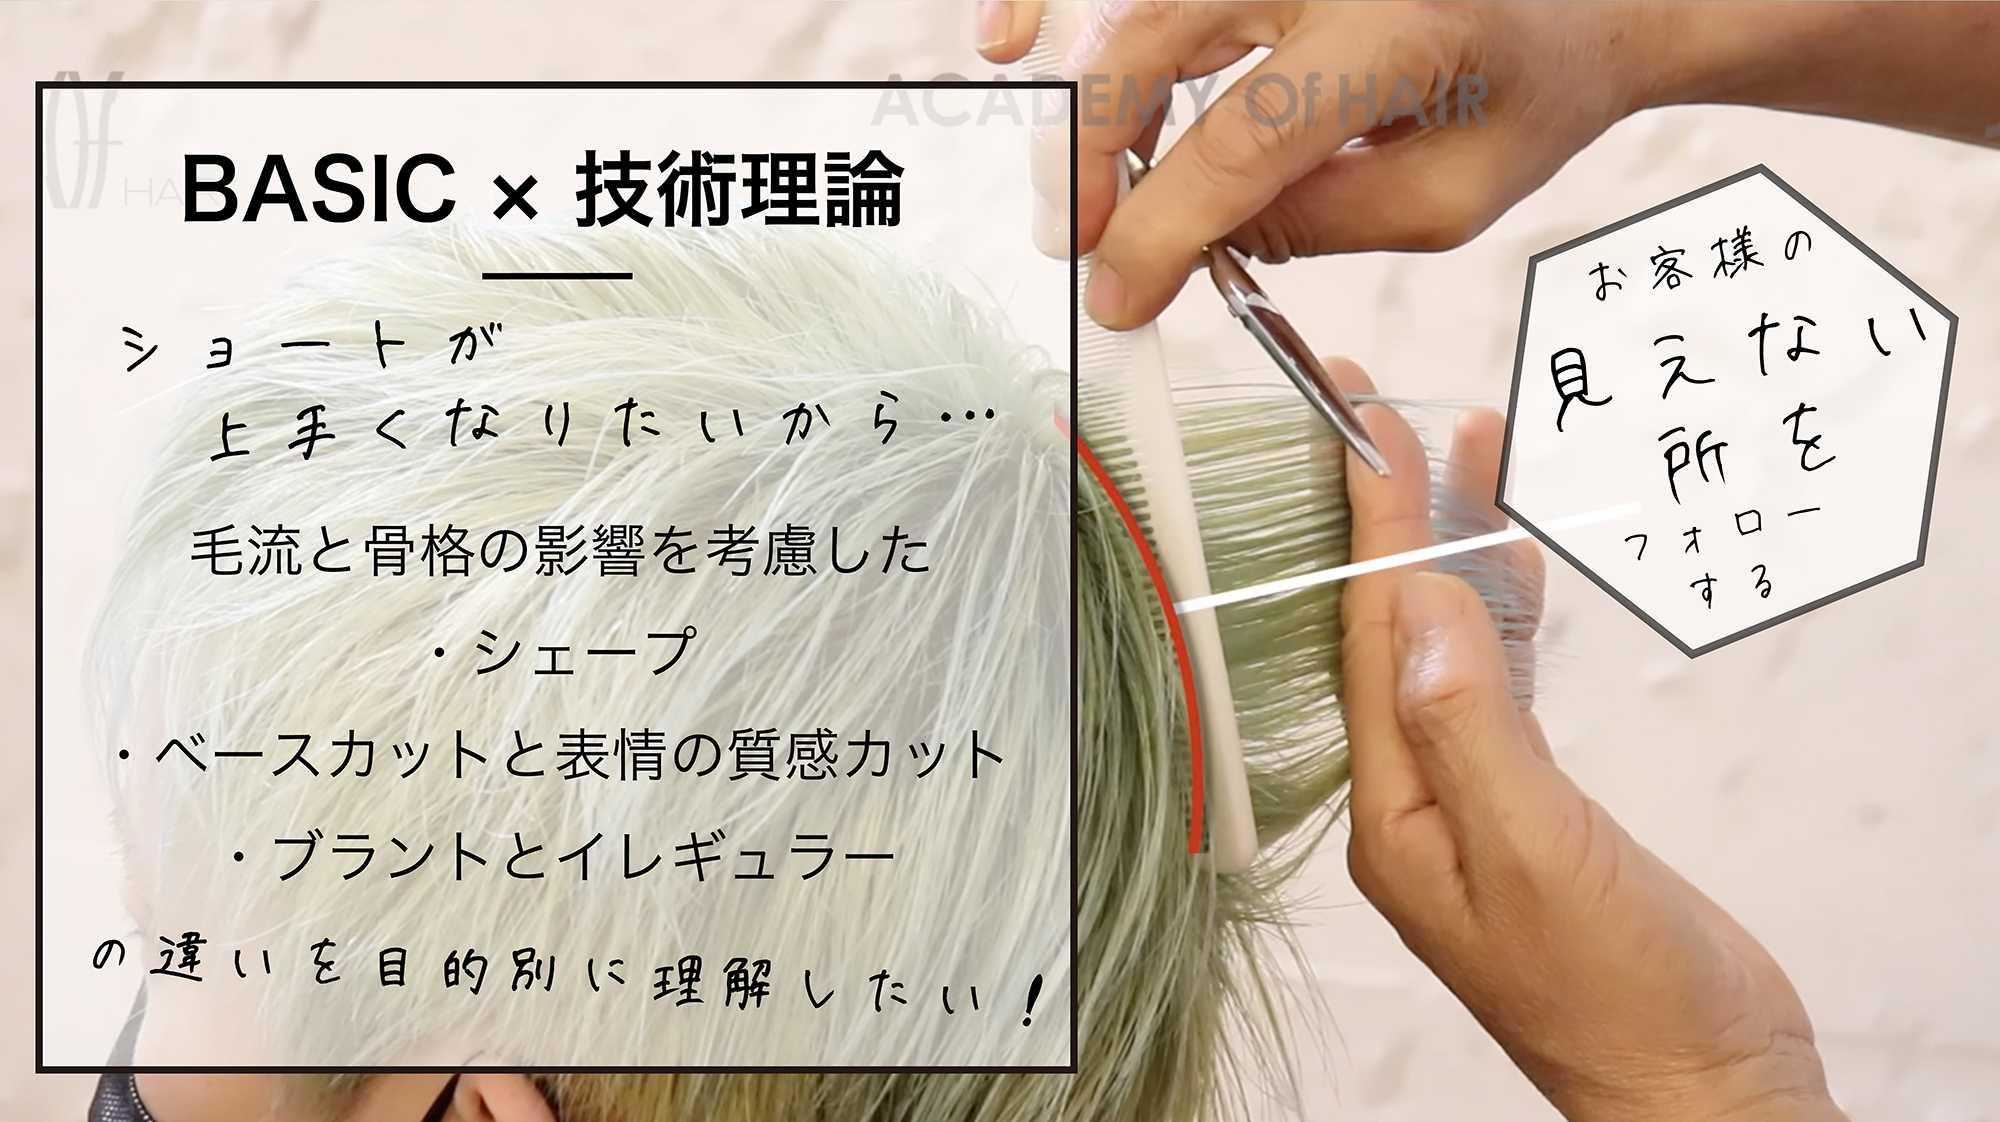 シェープの向きは、手前から?奥から? 毛流を理解して ショートヘアを上手くなろう